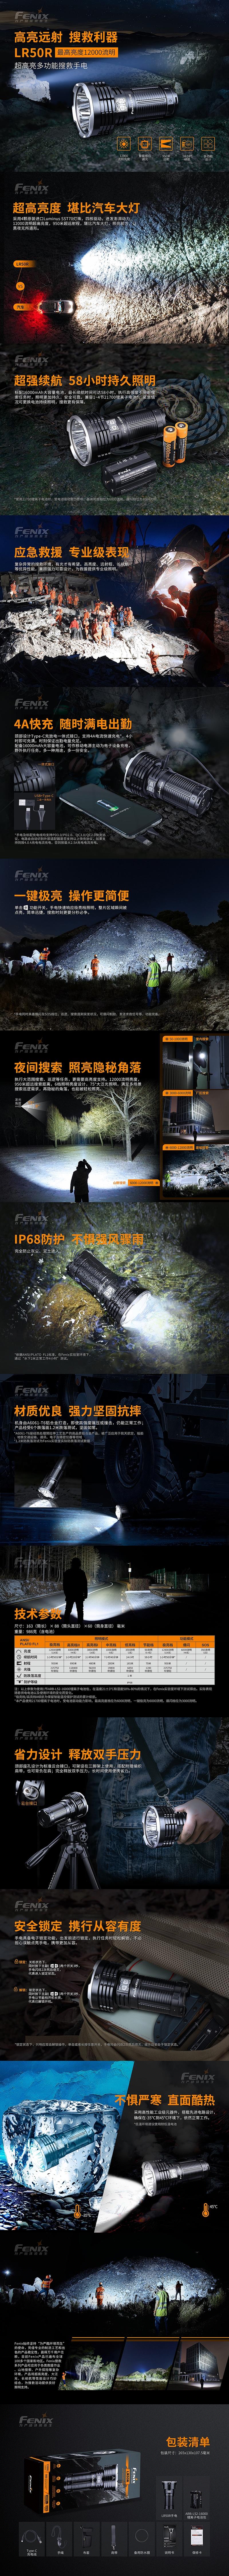 手電筒專賣 專業代理銷售 戶外裝備【錸特光電】FENIX LR50R 超高亮多功能搜索手電筒 12000流明 950米射程 一鍵極亮 爆閃 USB-C充電 (1)